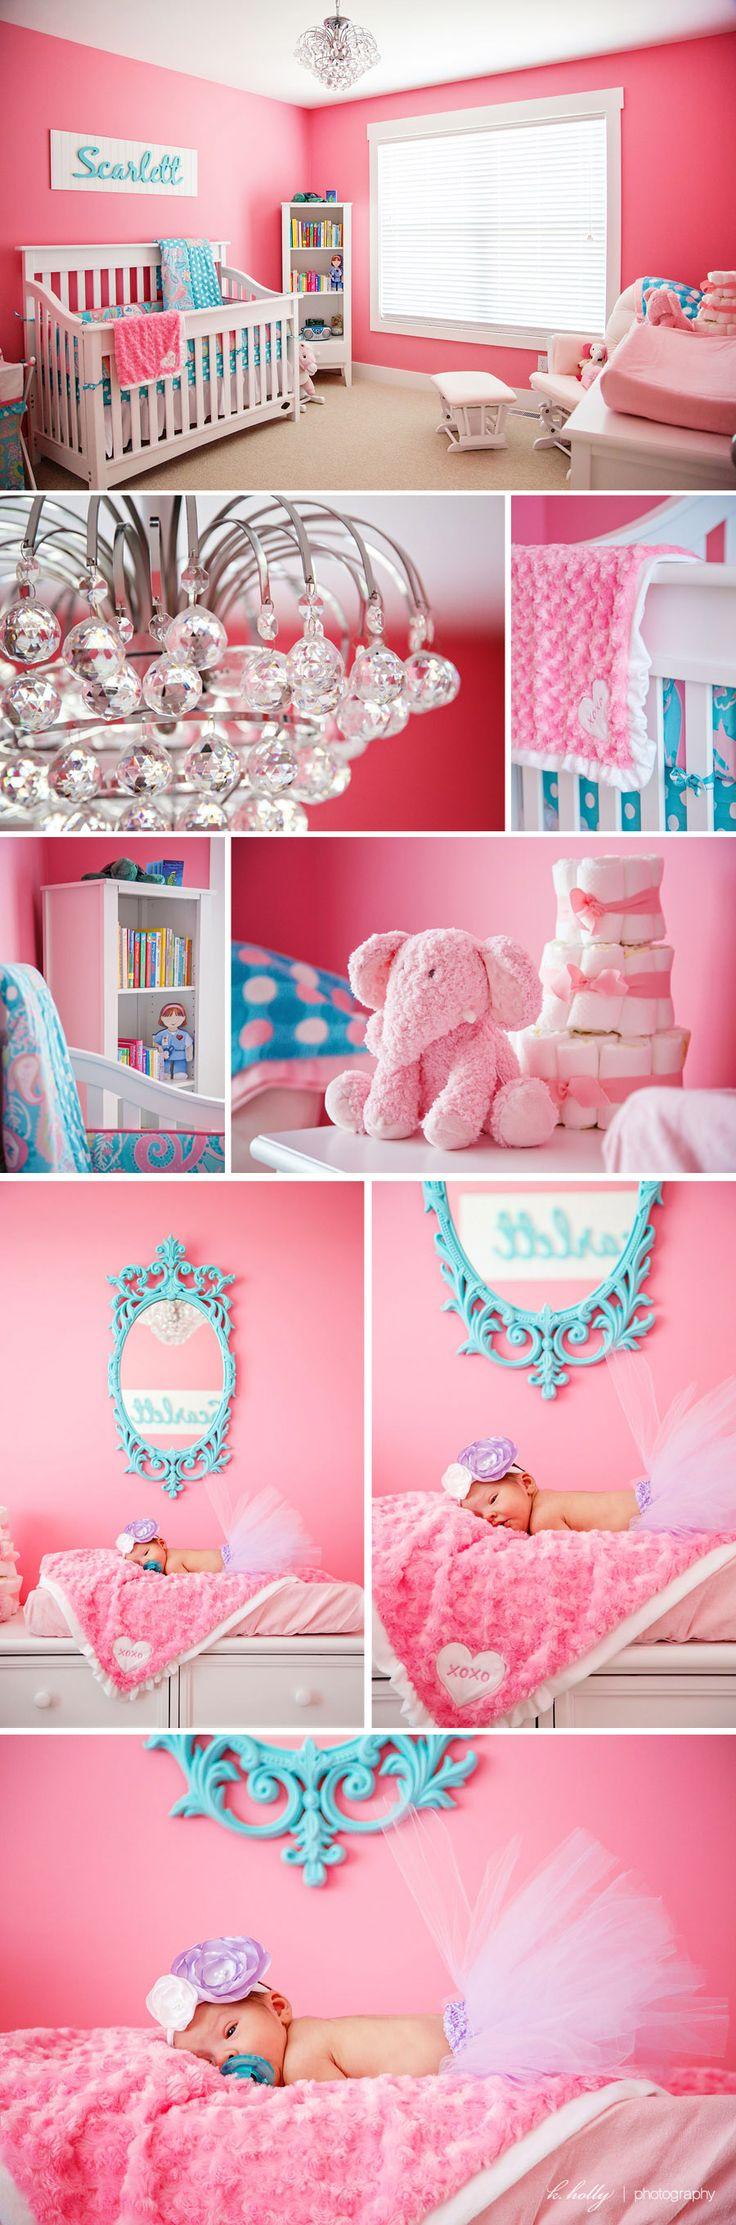 Pink and aqua girls room.p